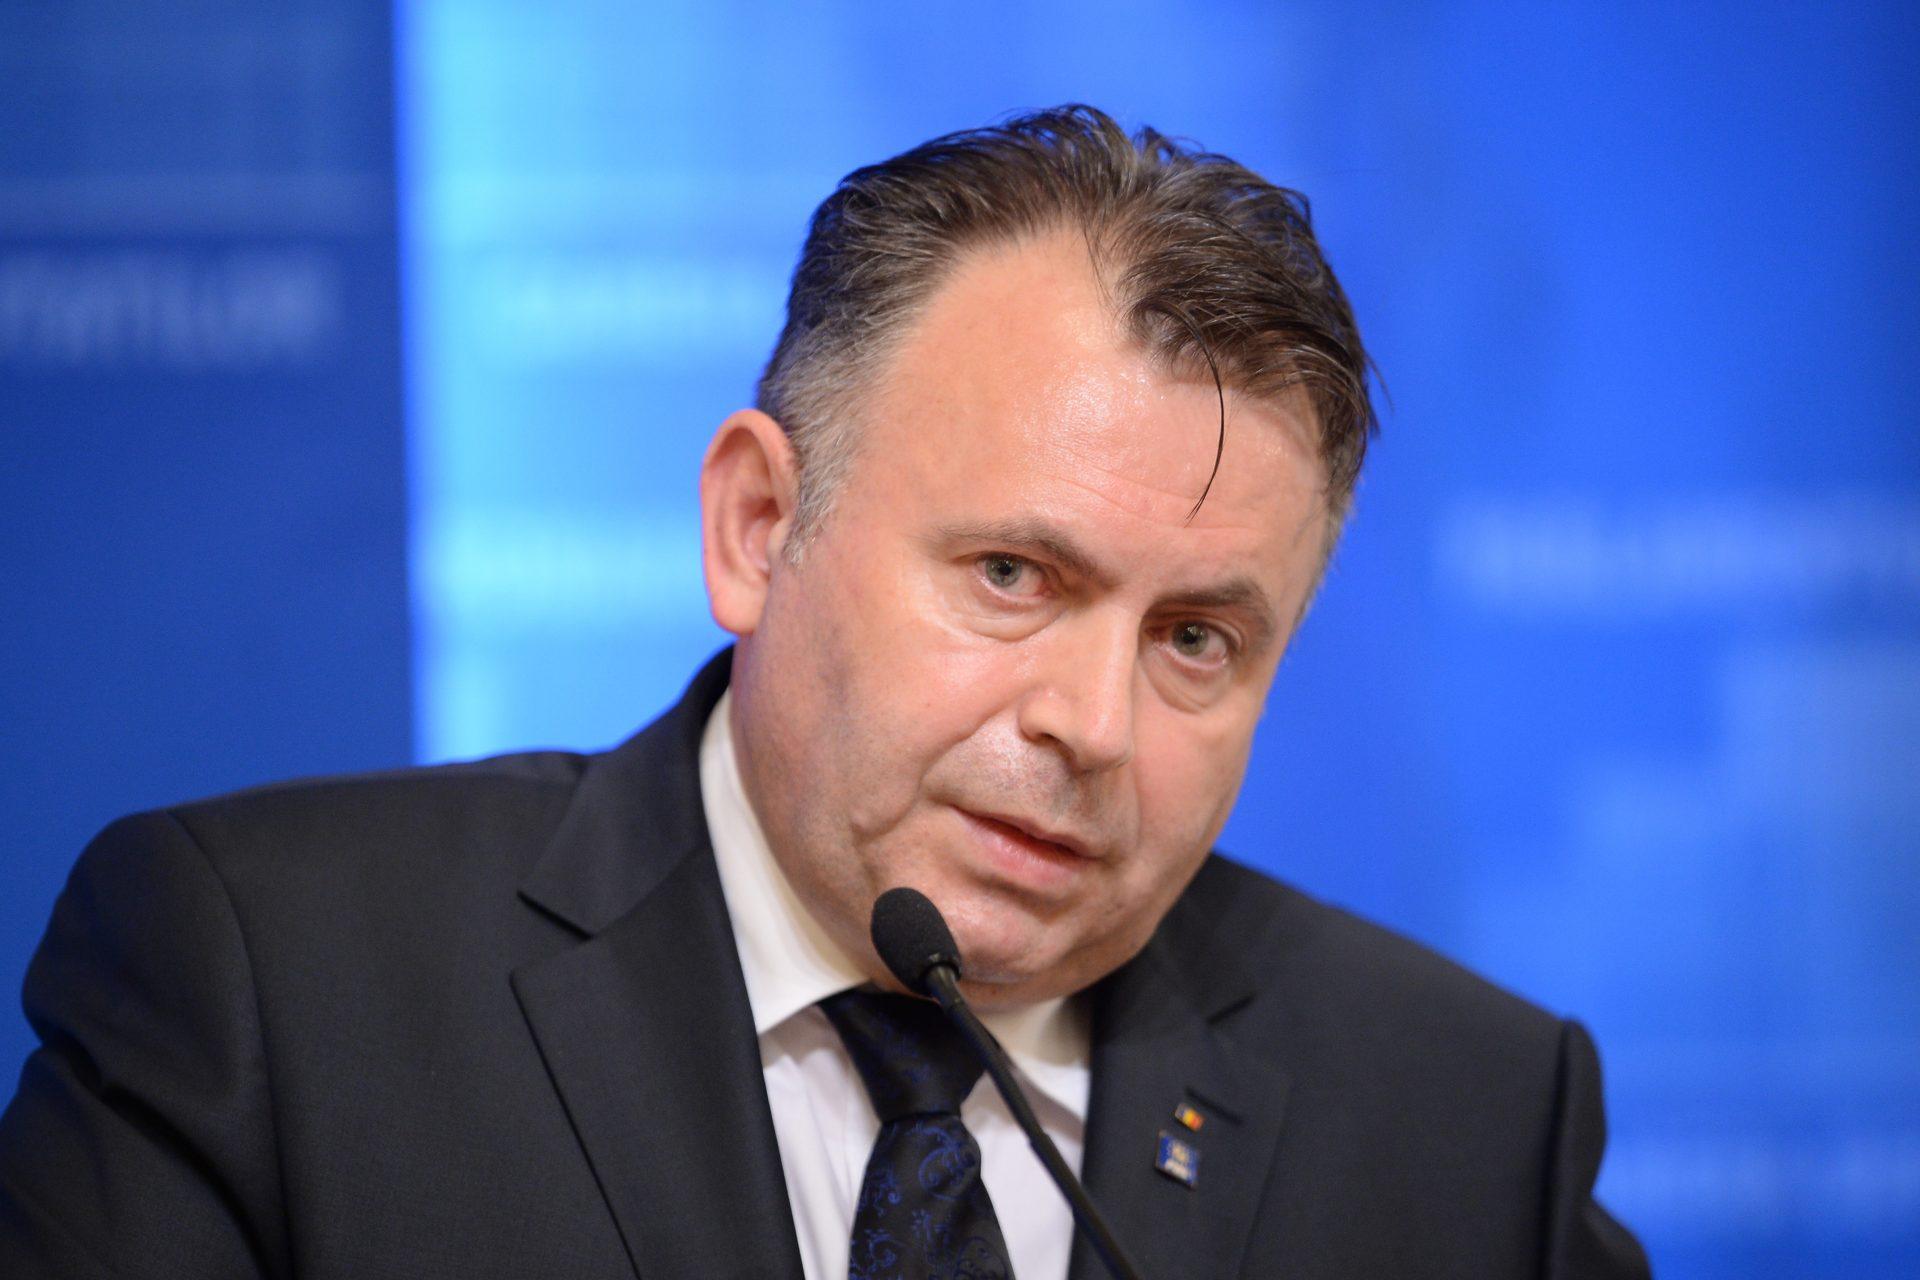 """Editiadedimineata.ro: Nu vor exista noi măsuri de relaxare. Nelu Tătaru: """"S-a decis să amânăm noua tranșă de măsuri de relaxare"""""""